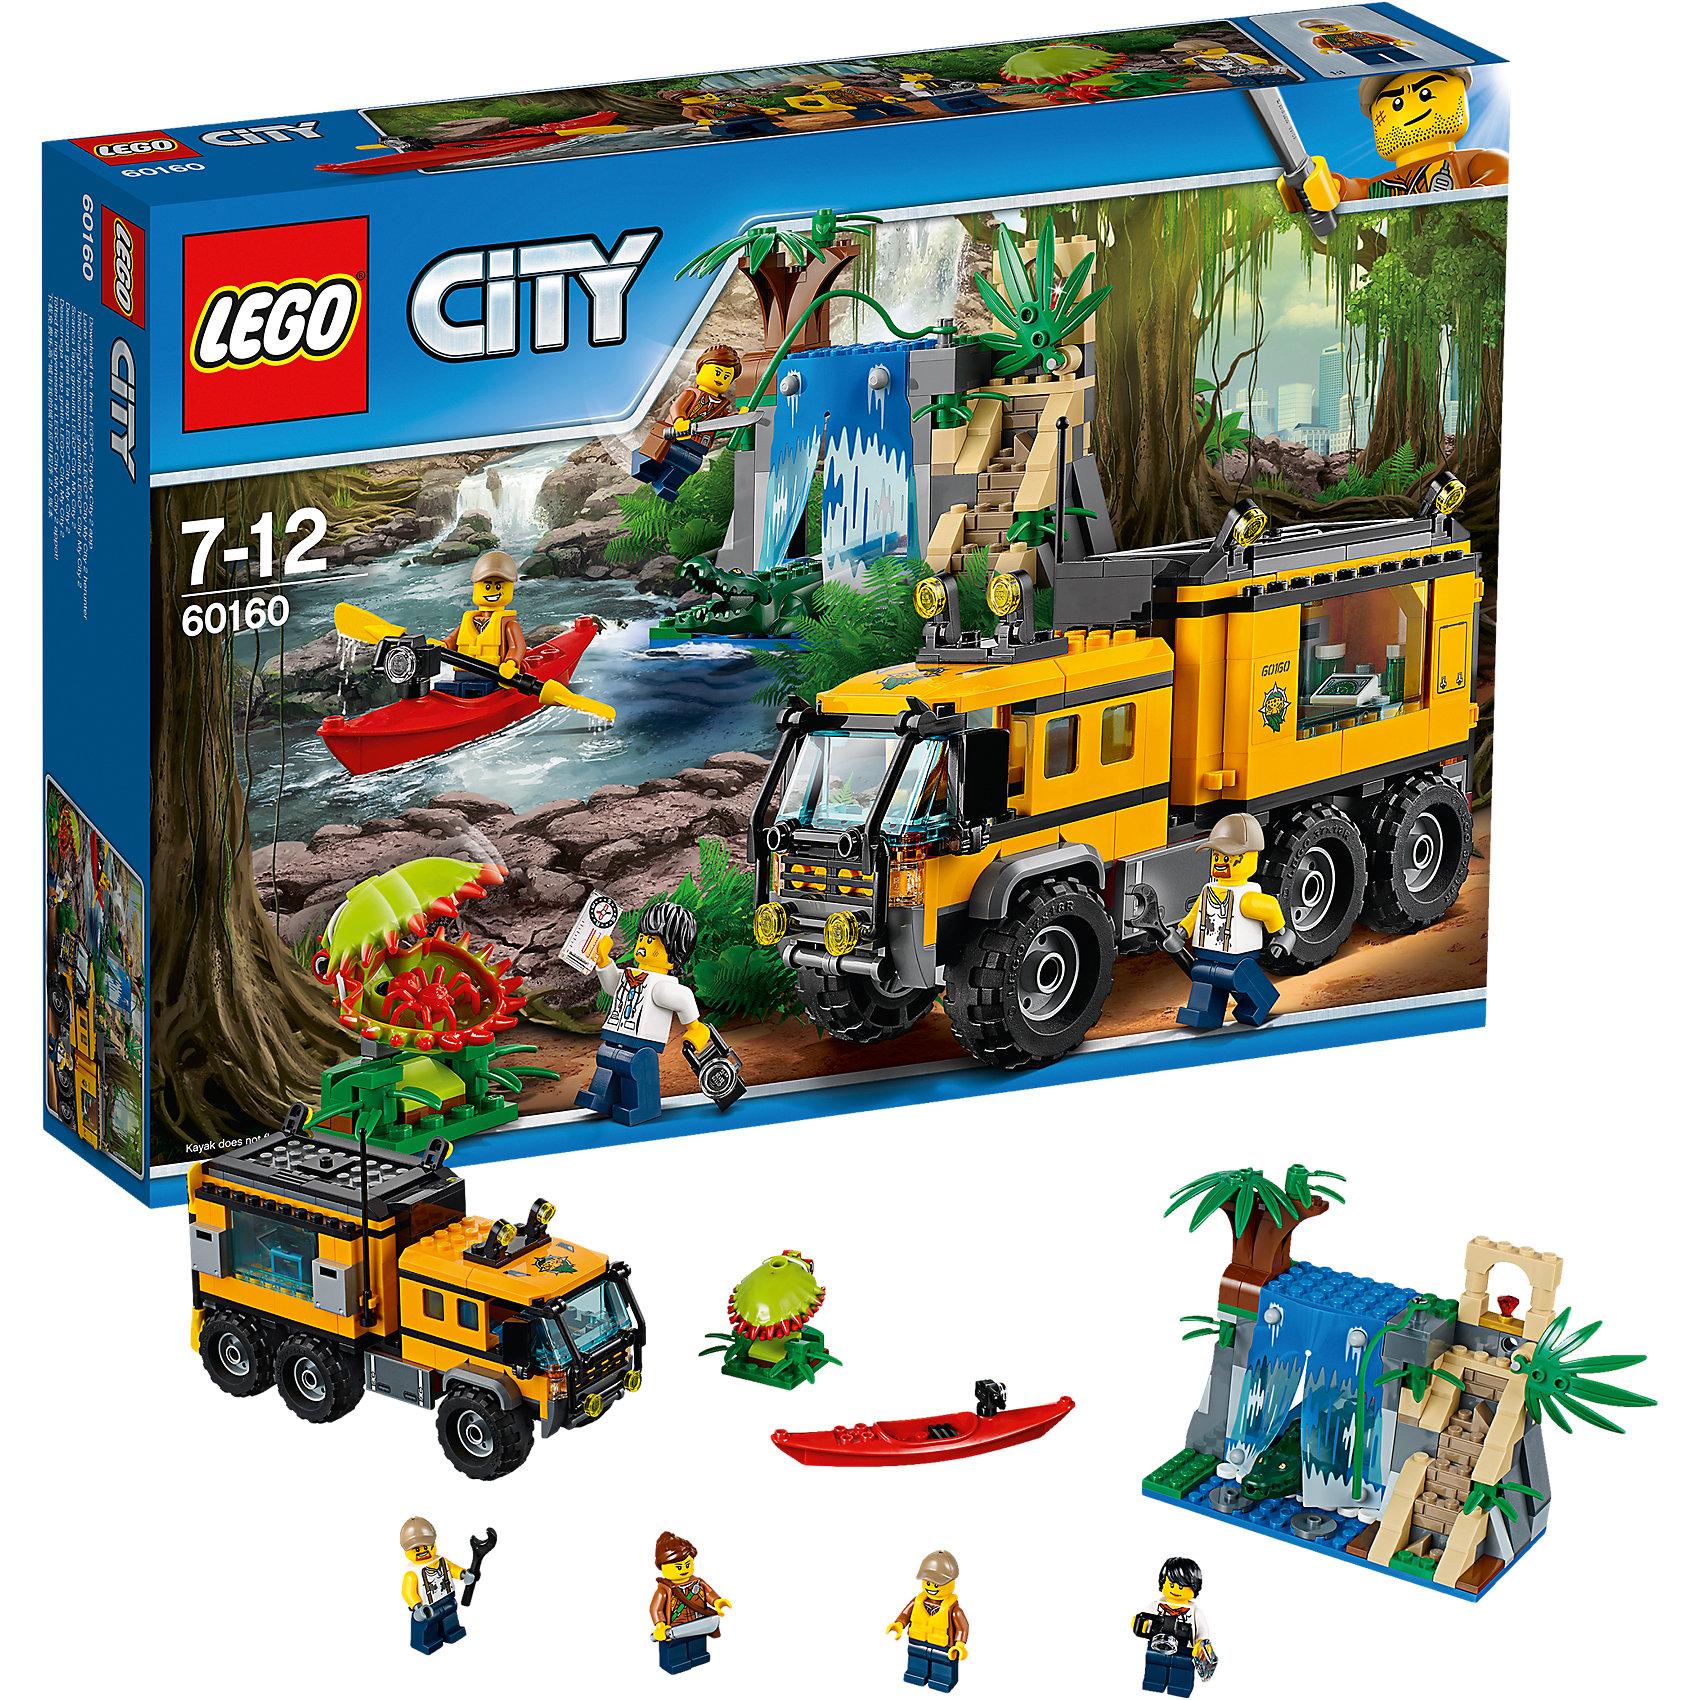 LEGO City 60160: Передвижная лаборатория в джунгляхПластмассовые конструкторы<br><br><br>Ширина мм: 384<br>Глубина мм: 261<br>Высота мм: 76<br>Вес г: 814<br>Возраст от месяцев: 84<br>Возраст до месяцев: 144<br>Пол: Мужской<br>Возраст: Детский<br>SKU: 5620025